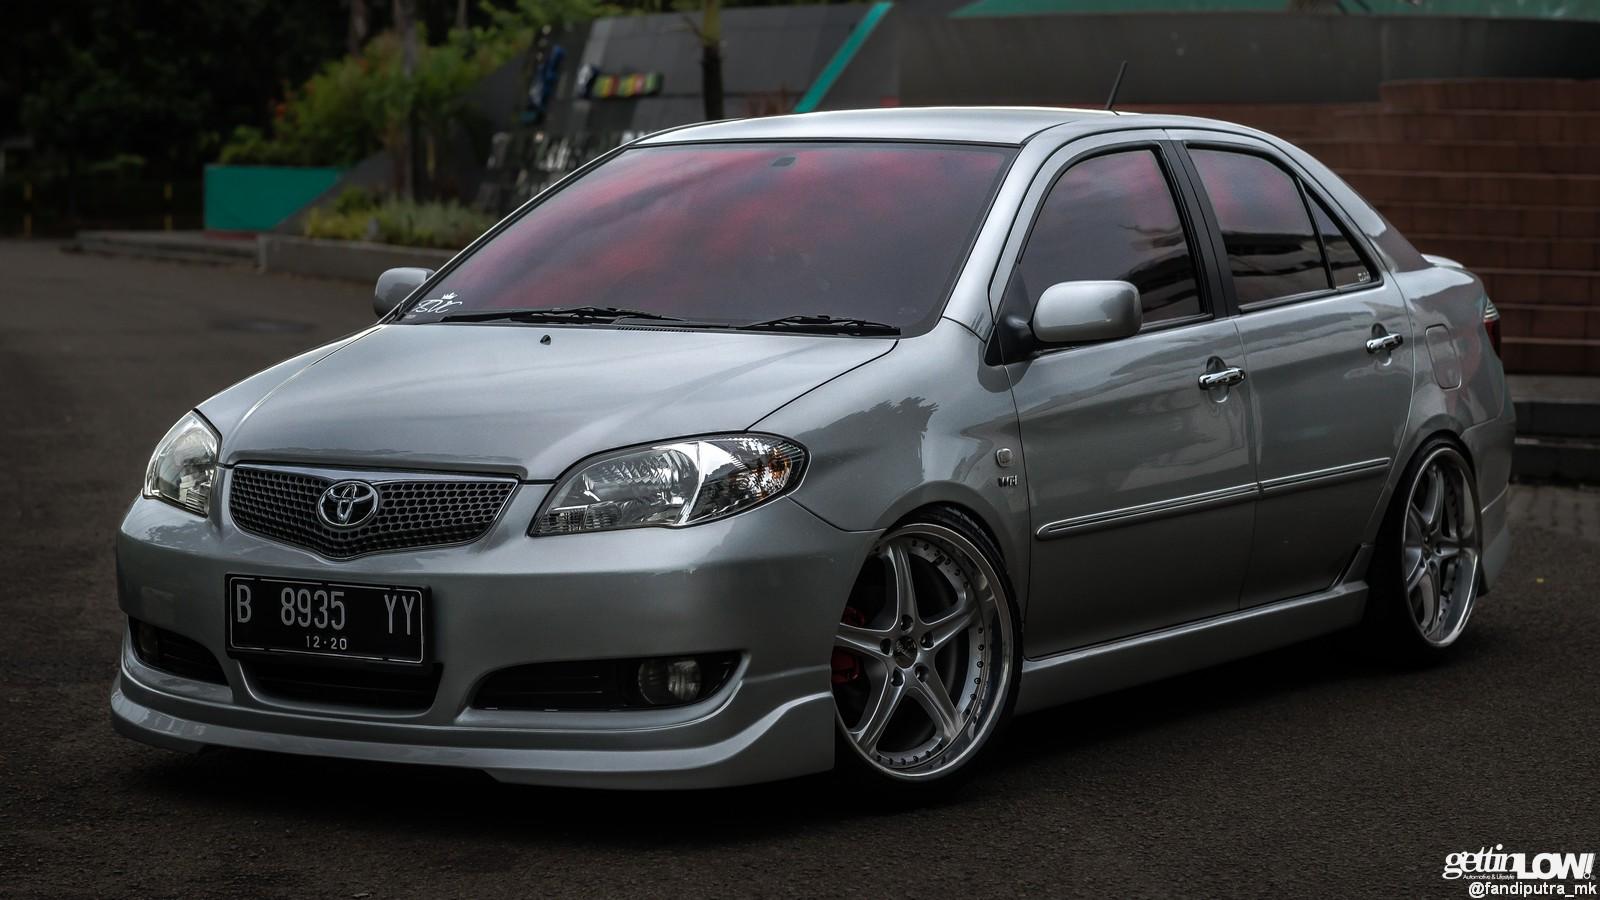 GETTINLOW | Sandy Wirya's 2005 Toyota Vios